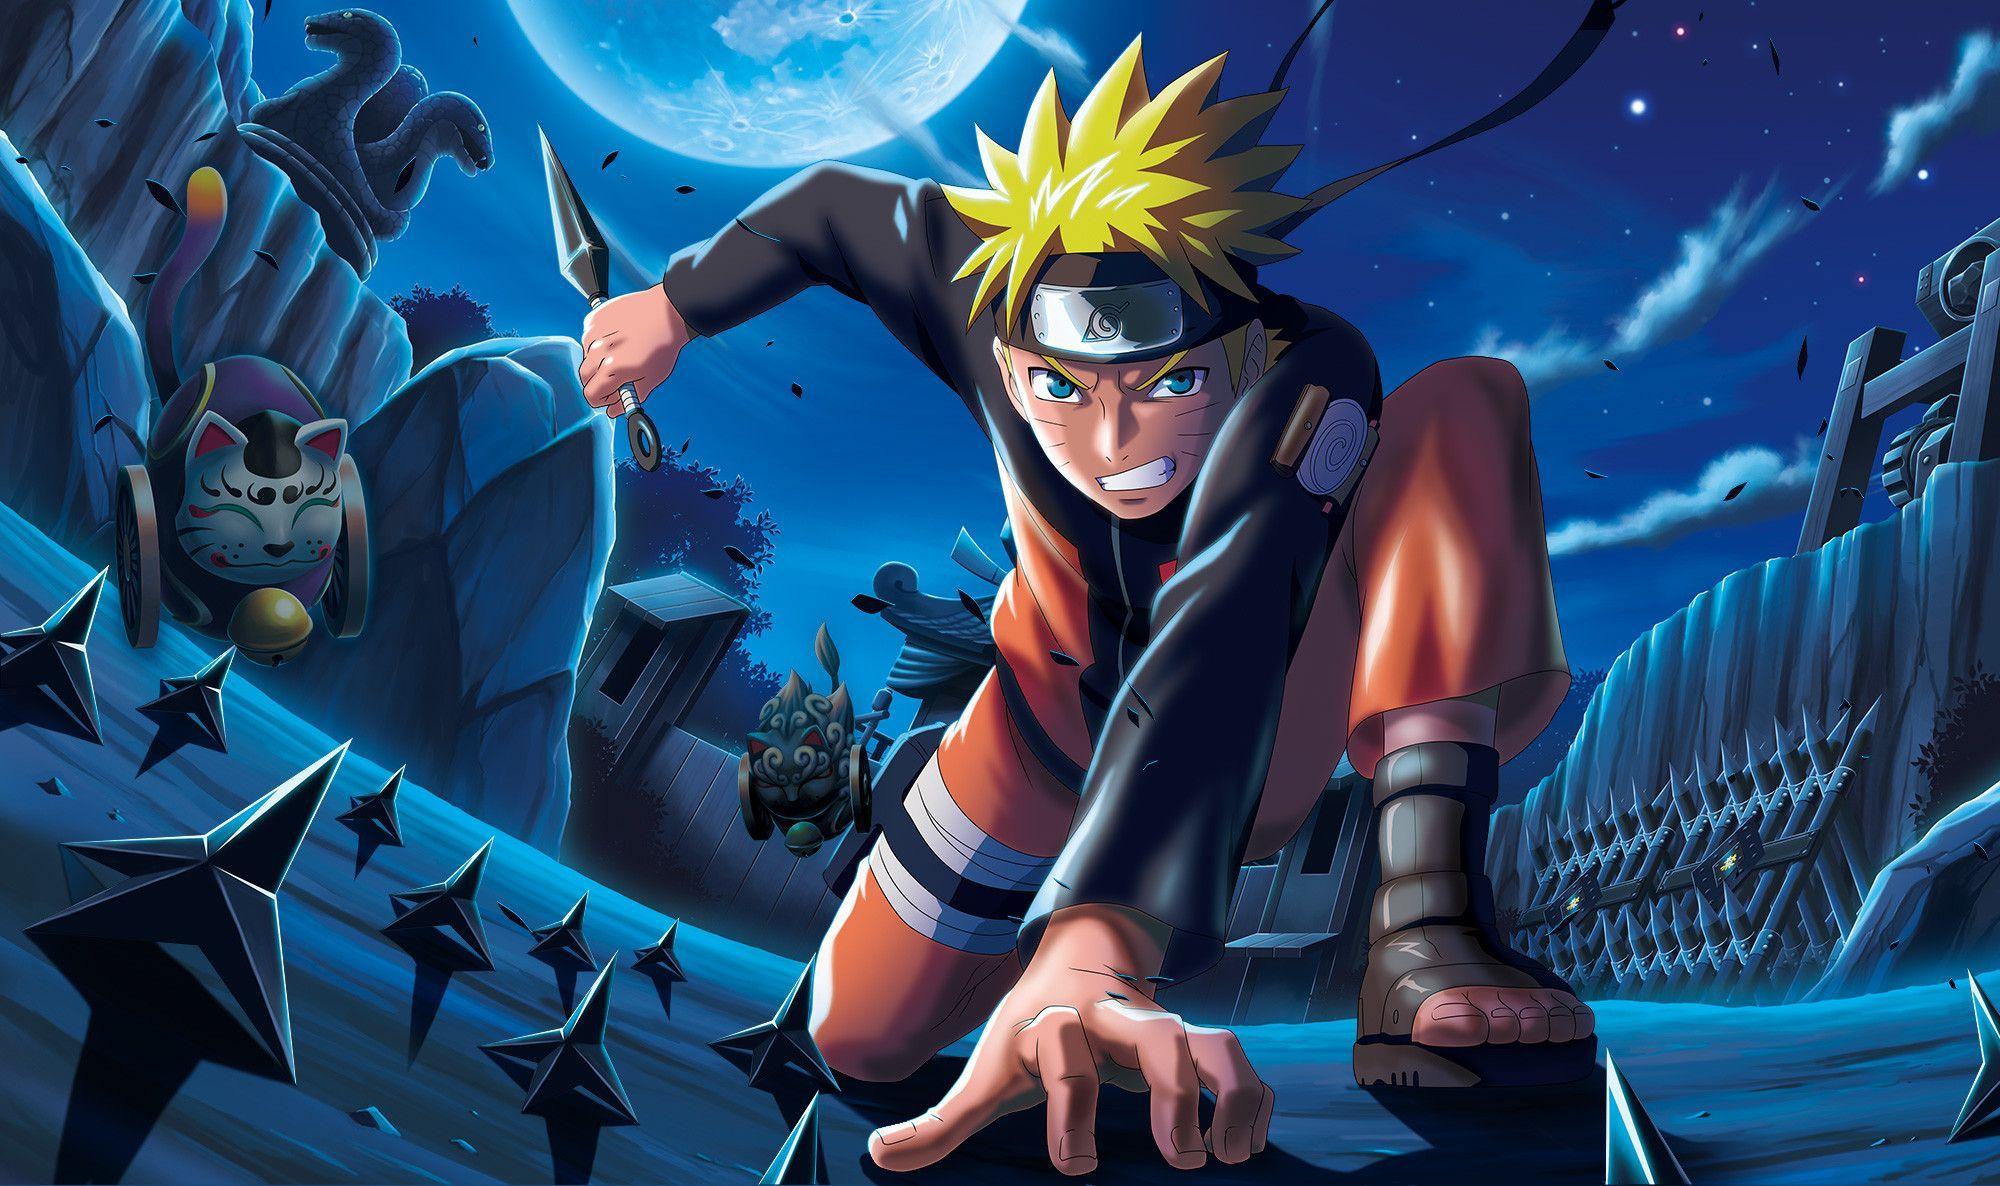 Wallpaper Naruto Shippuden Ps4 Naruto Game Wallpapers Top Free Naruto Game Backgrounds Naruto Shippuden Ultimate Ninja Storm 4 Wal Anime Naruto Naruto Boruto